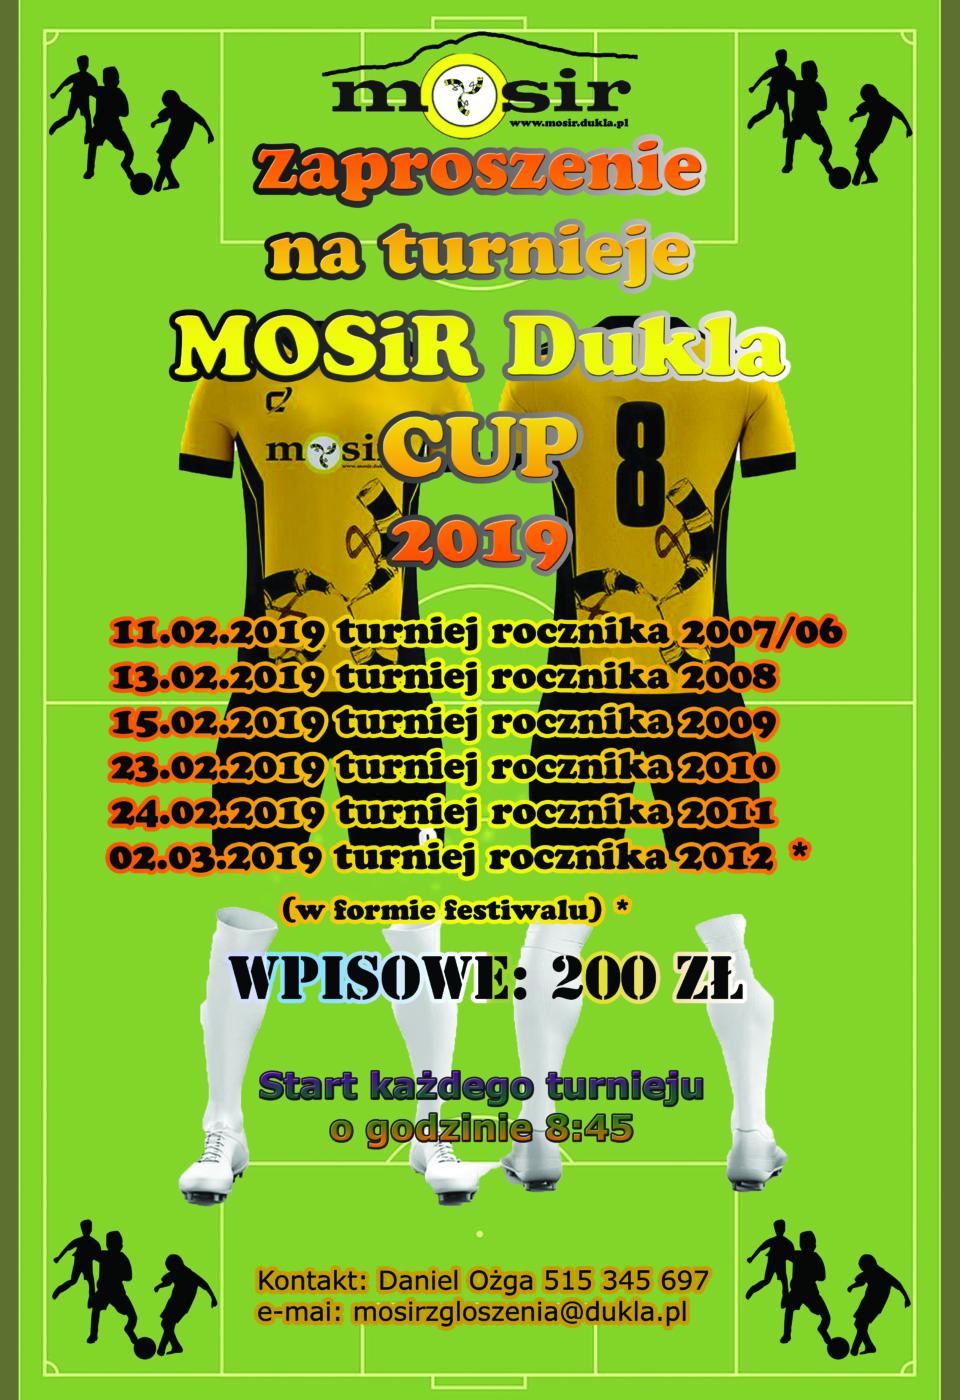 zaproszenie mosir dukla cup 2019